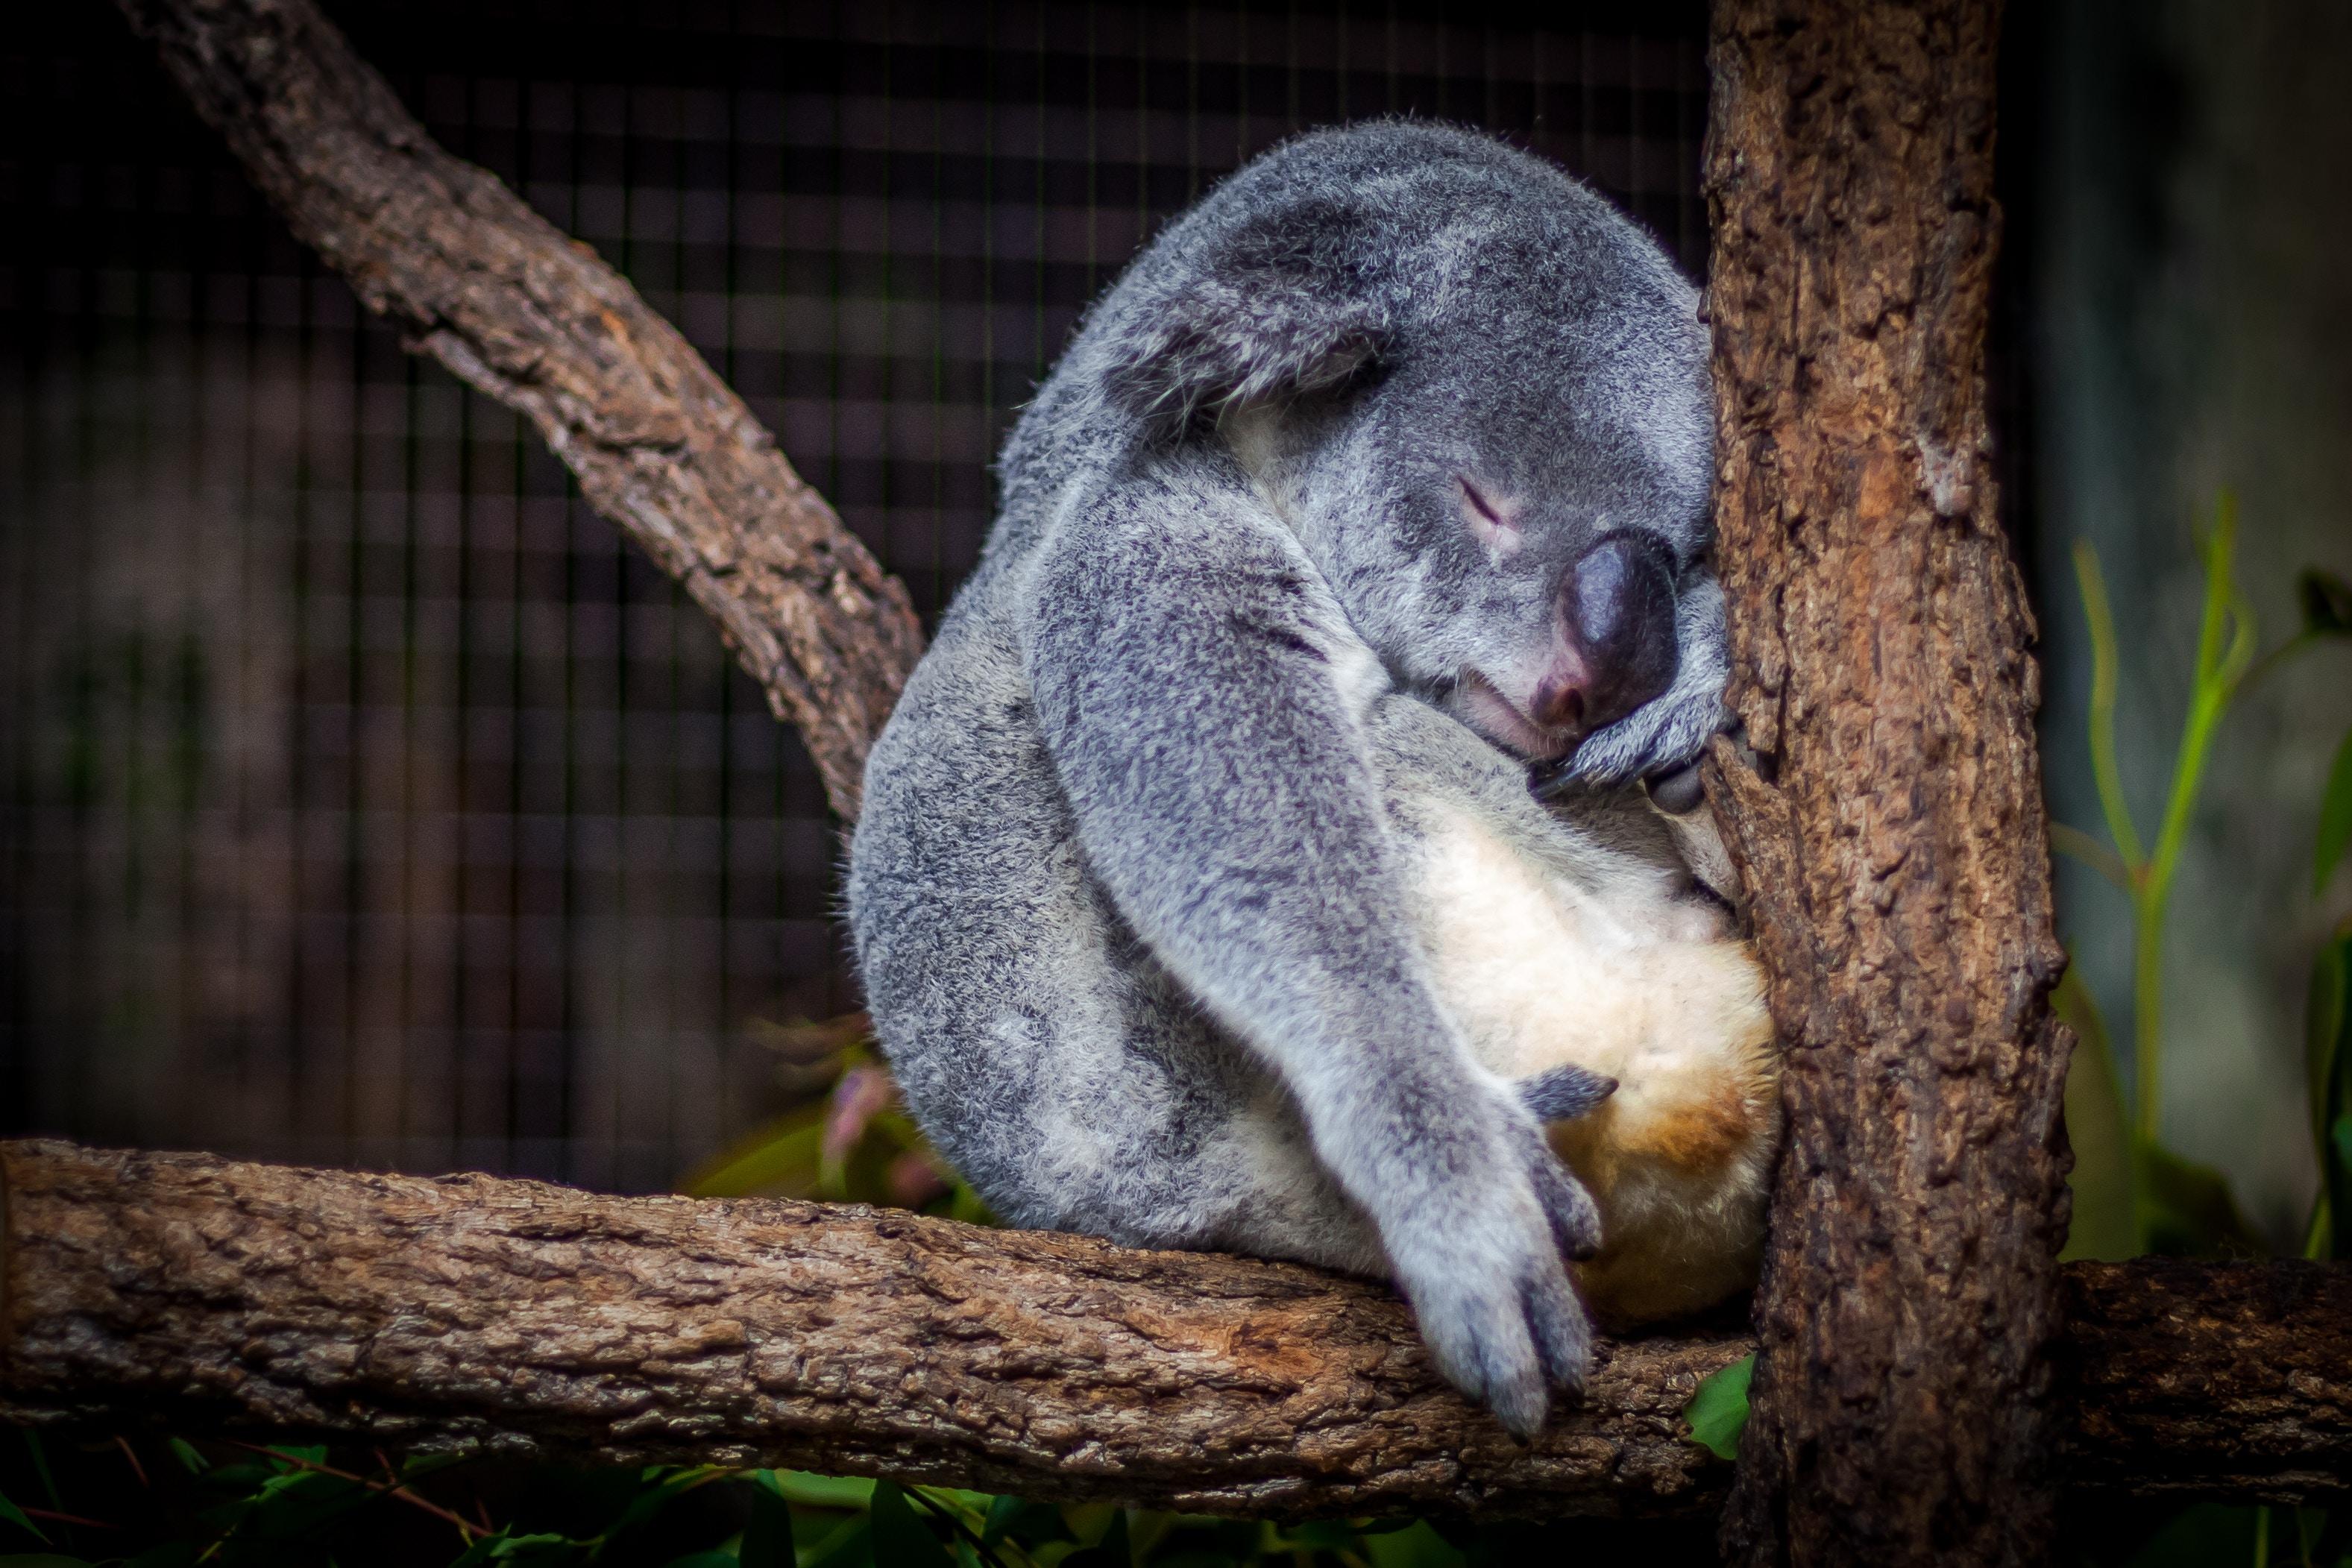 sen w triathlonie - przykład misia koala